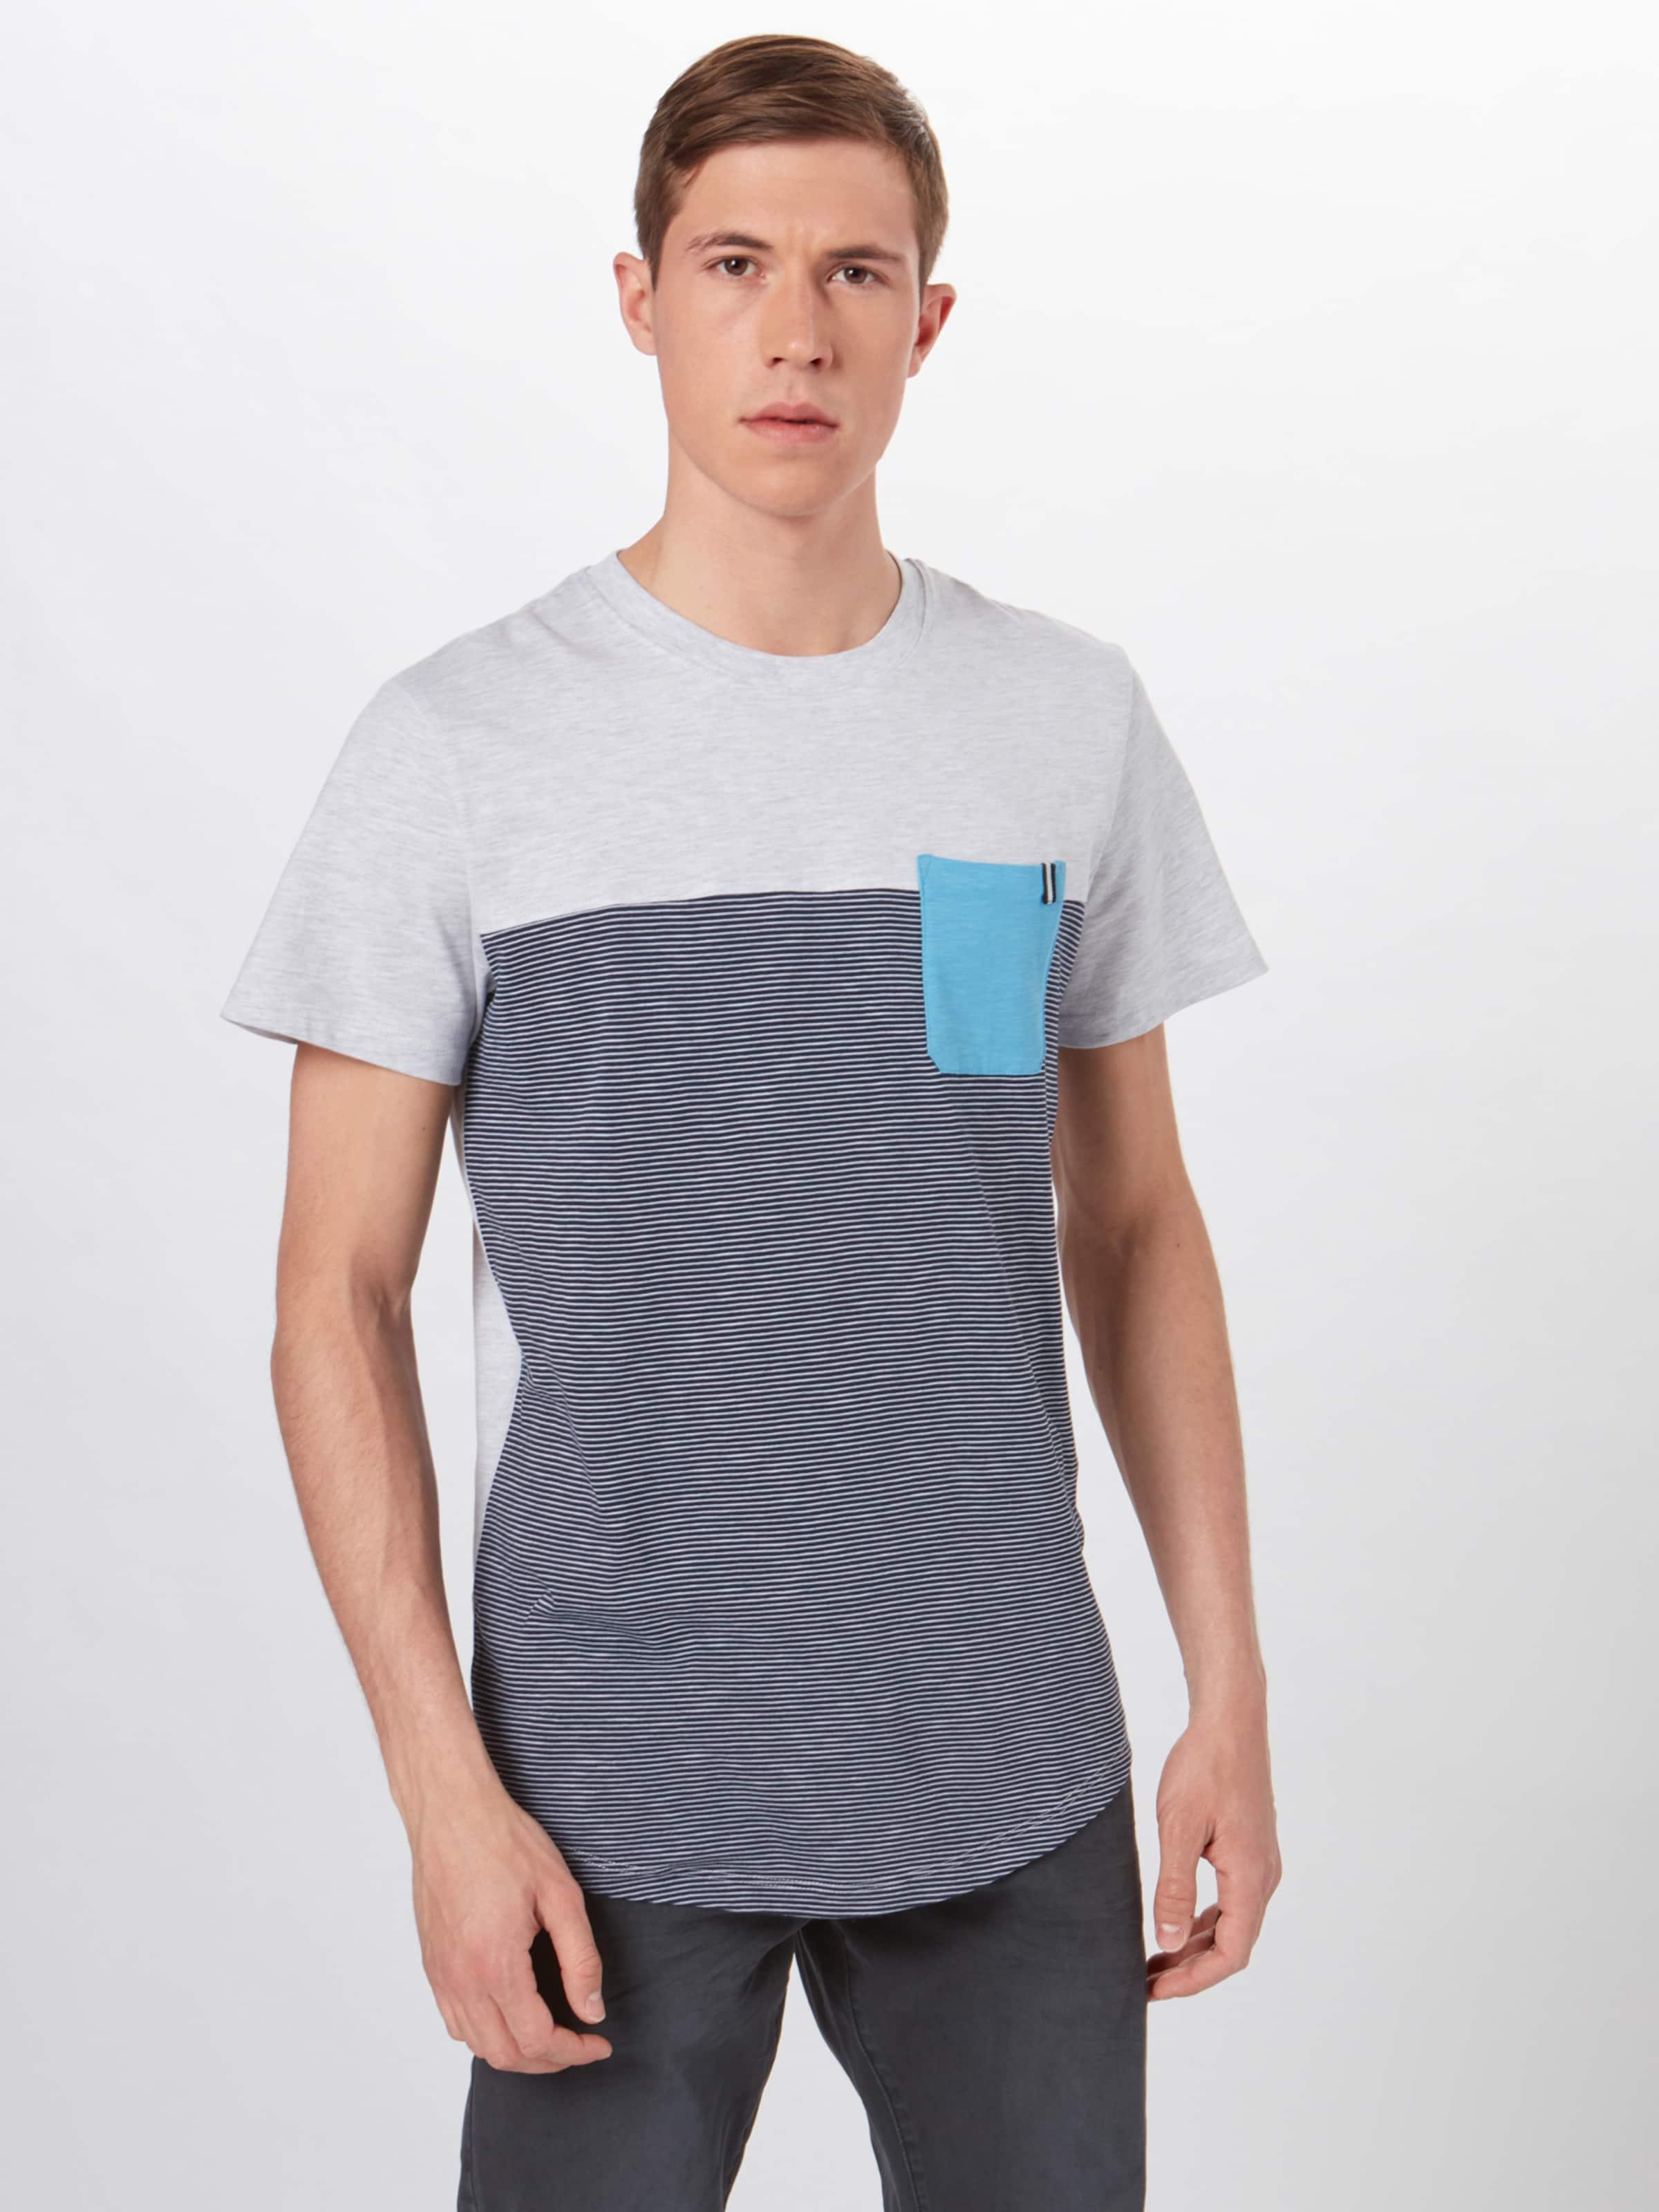 shirt FoncéGris Jackamp; Clair 'cosect' Bleu En T Jones Aq4Lc35jR